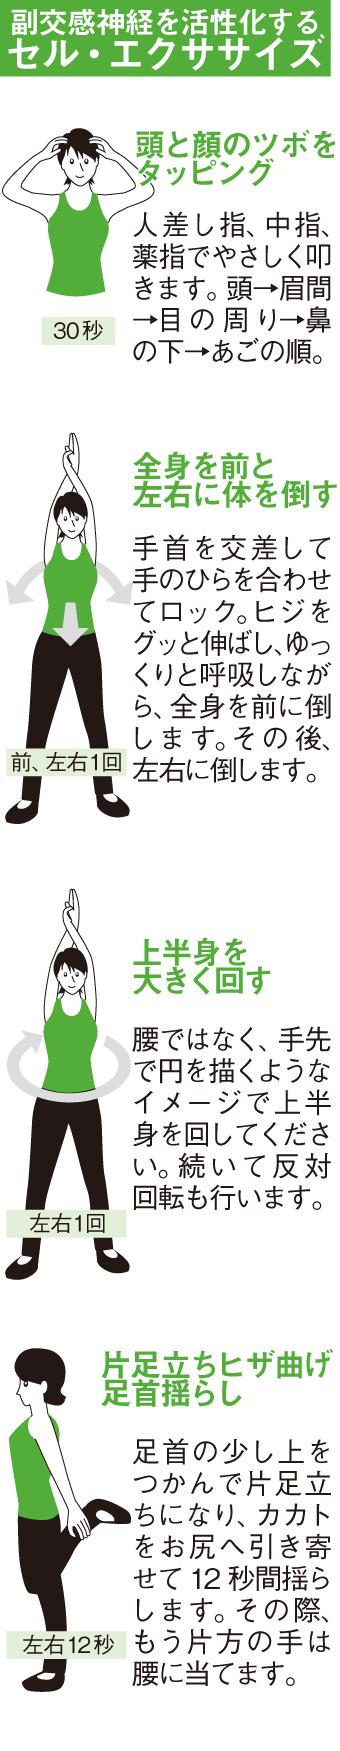 【好評連載コラム】小林先生第6回イラスト